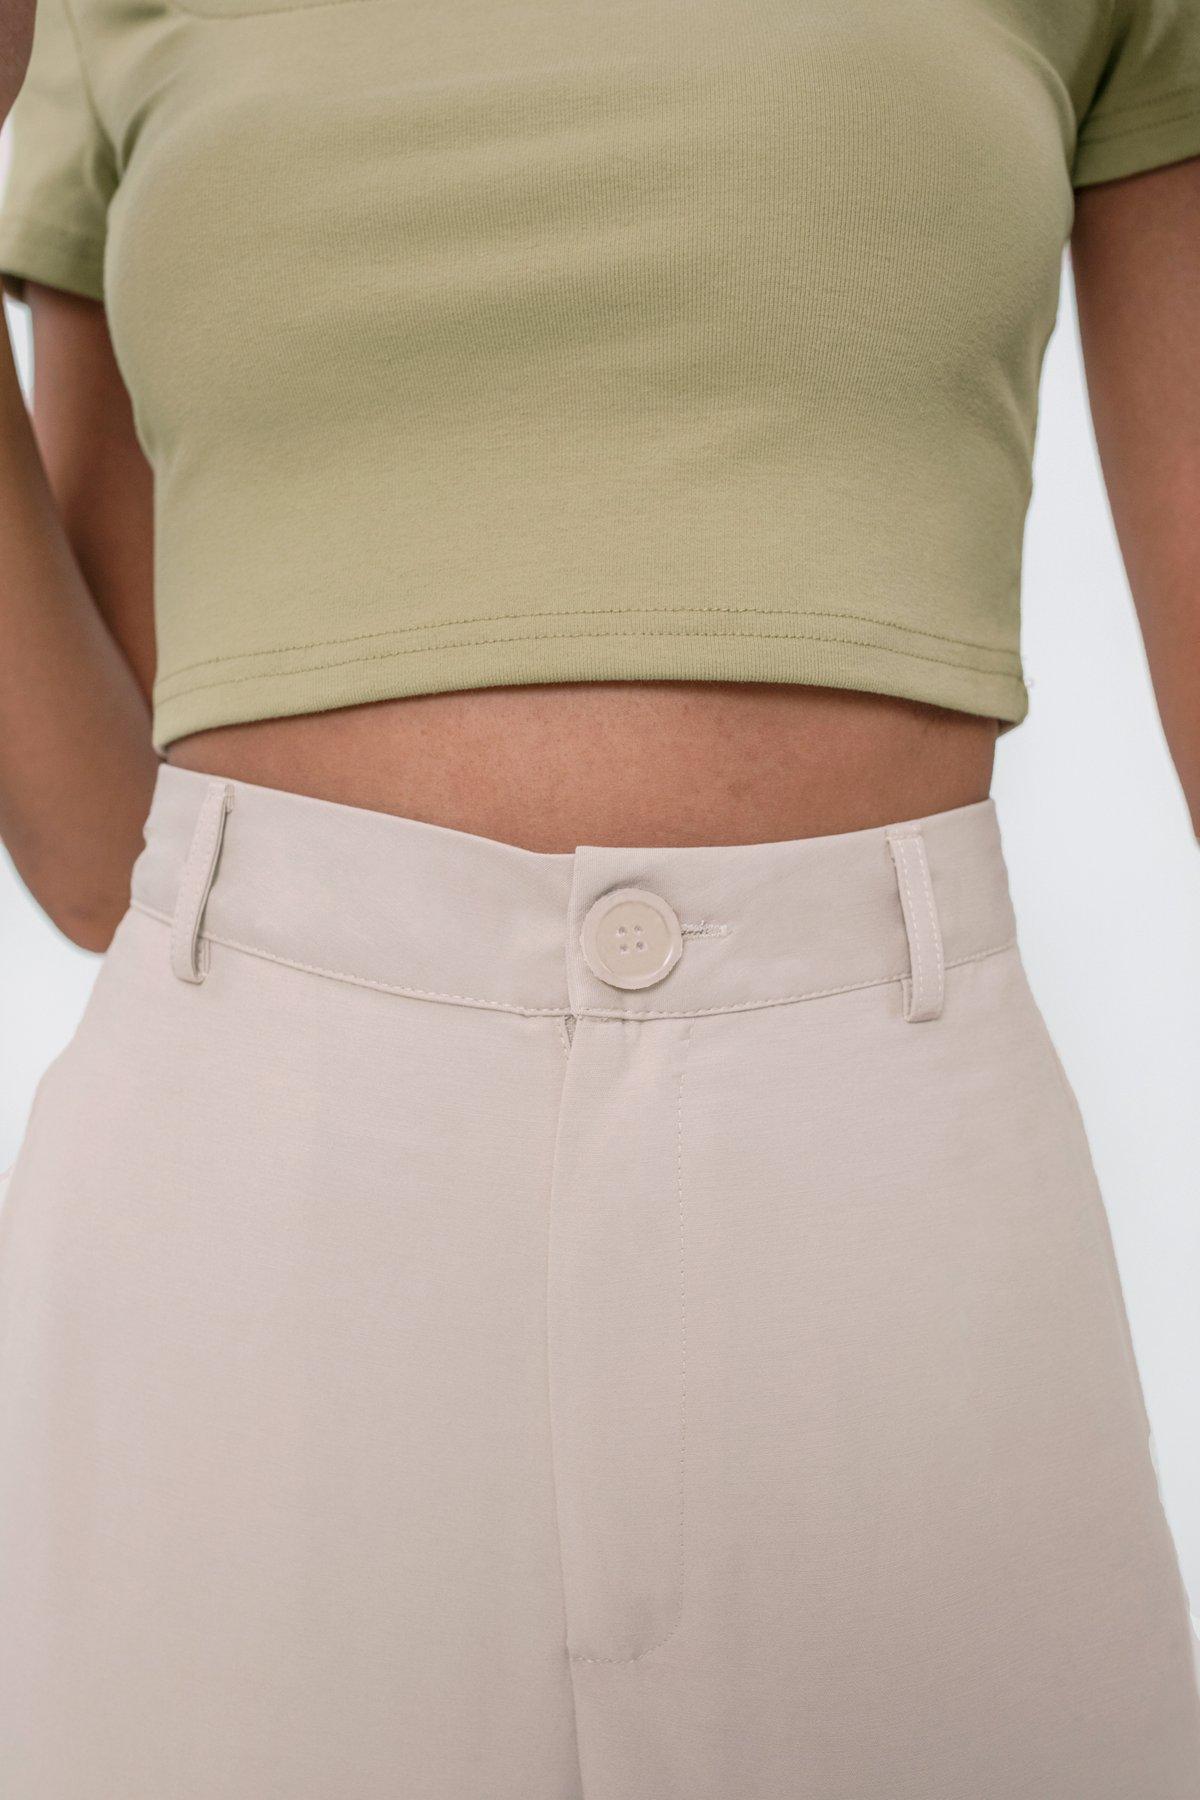 Marnie Cuffed Pants (Beige)